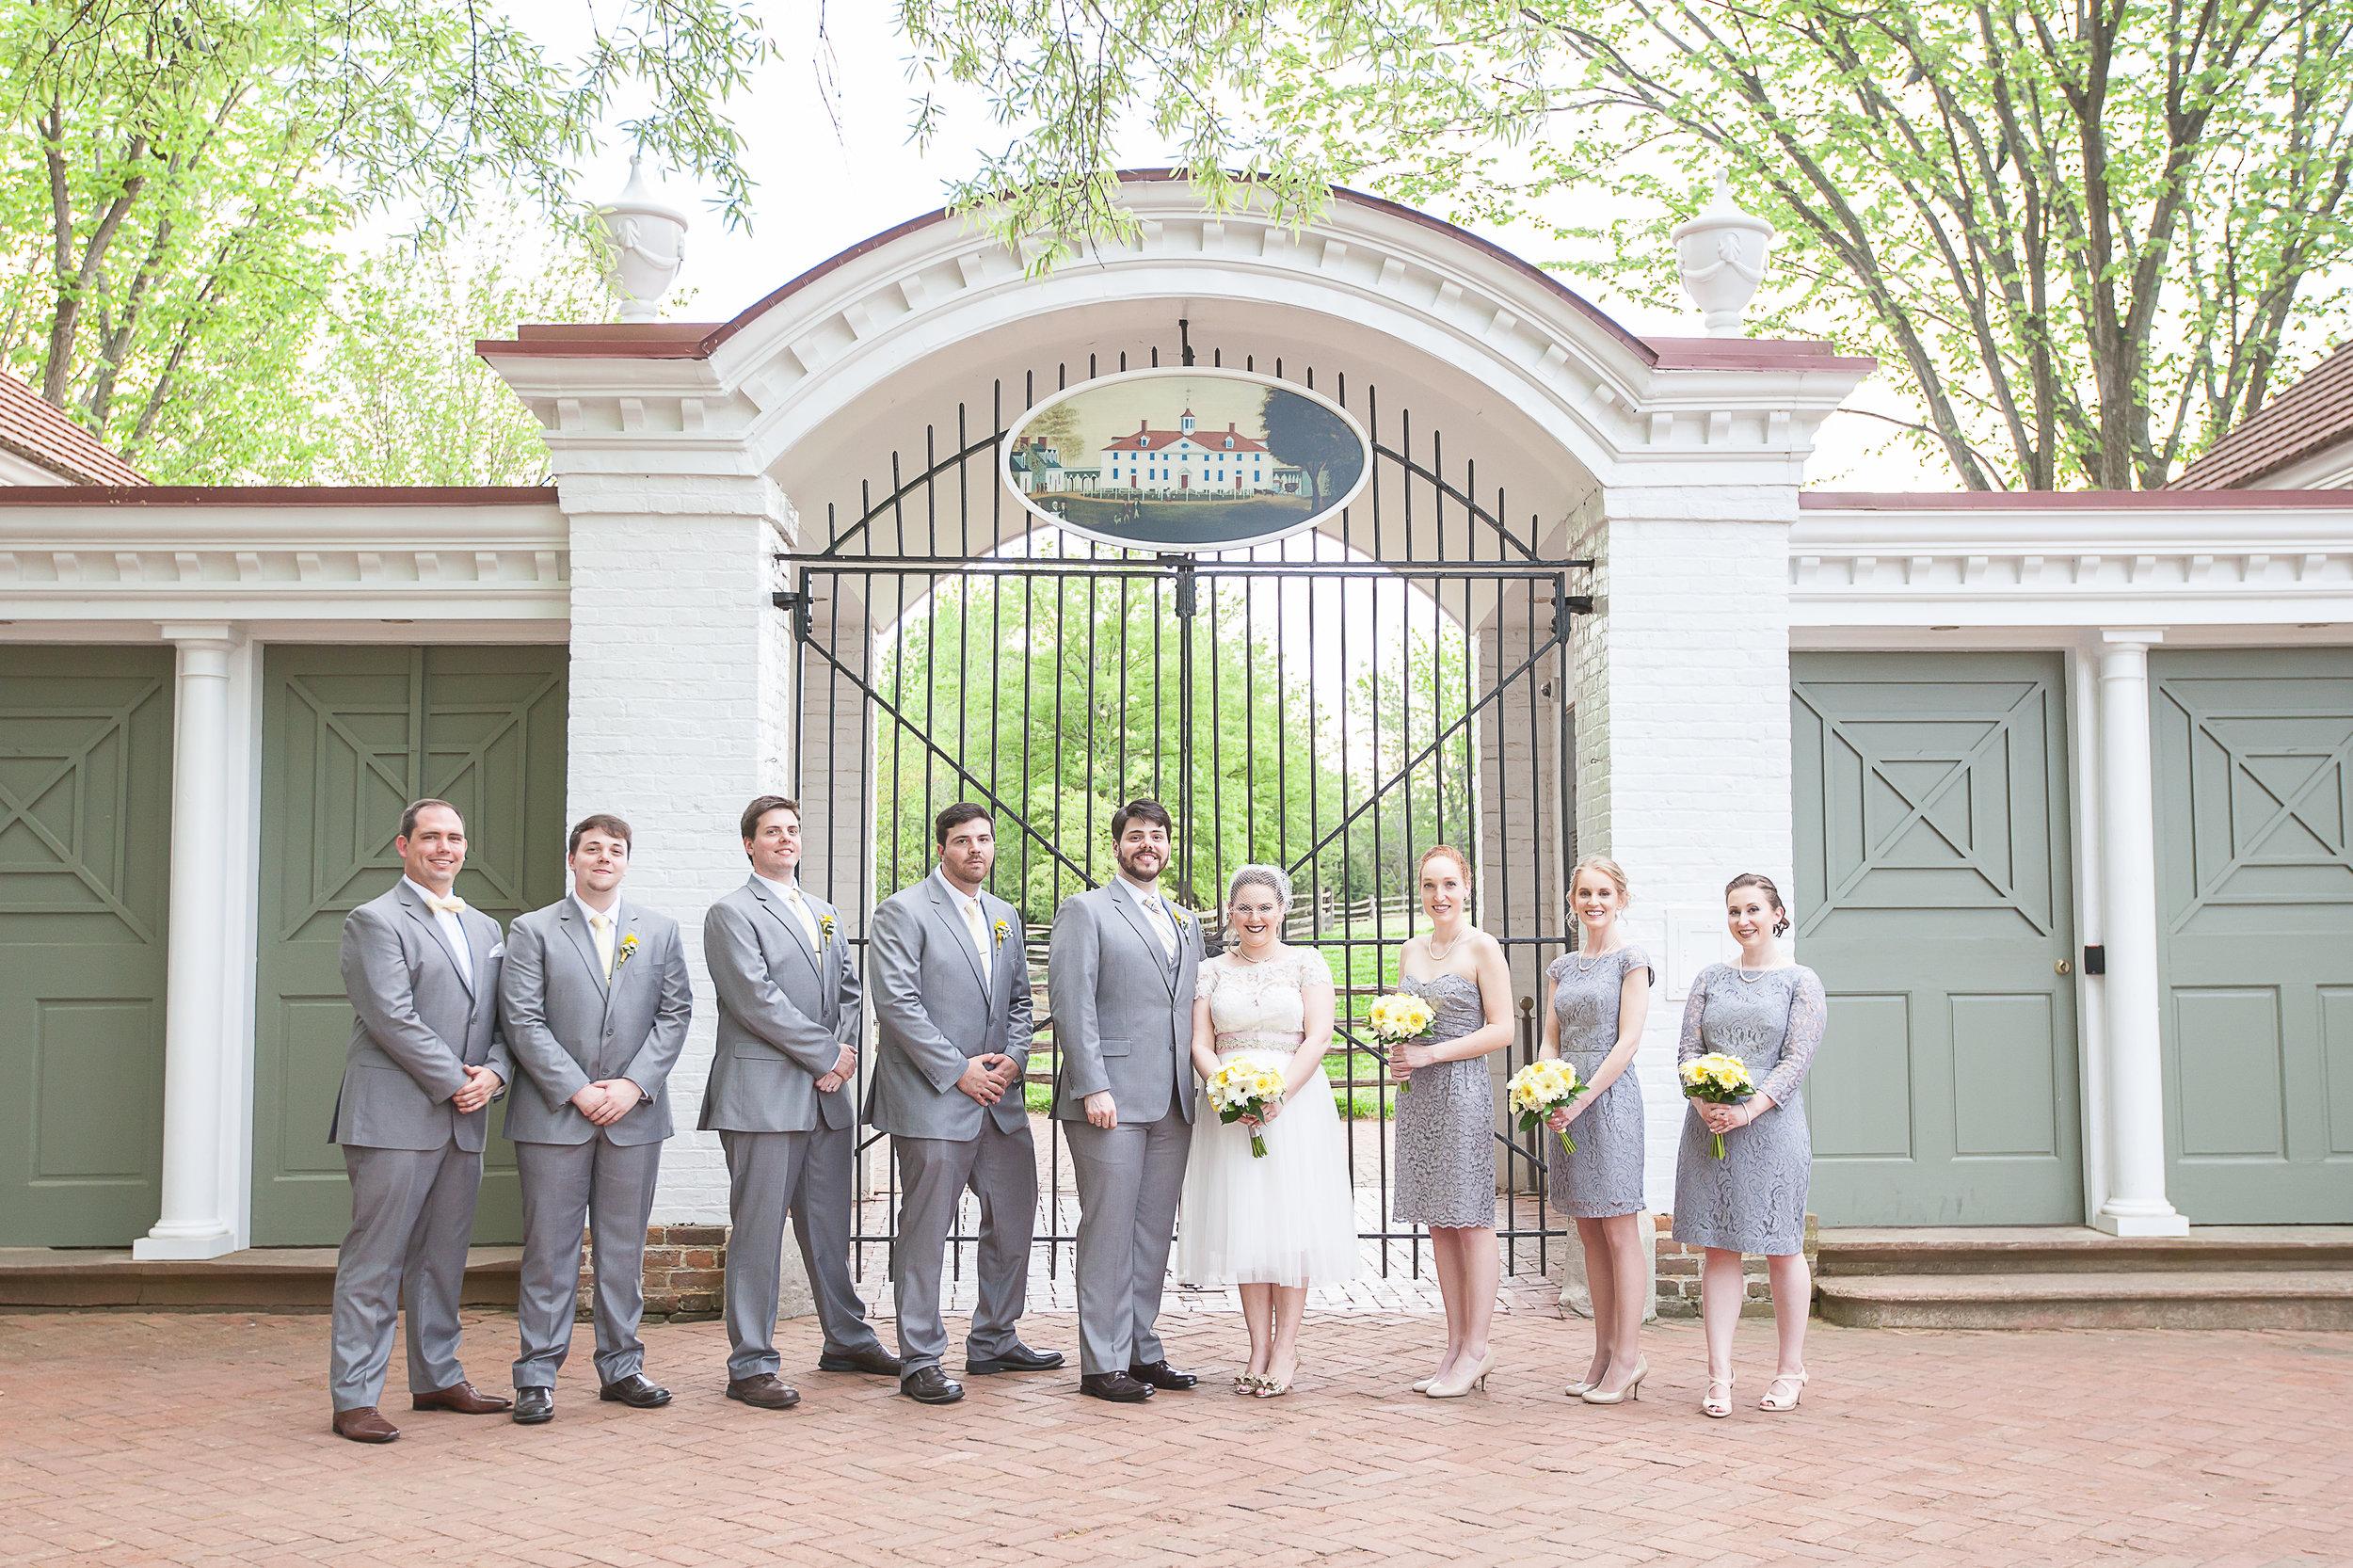 K-S-Wedding-Kim-Pham-Clark-Photography-243.jpg